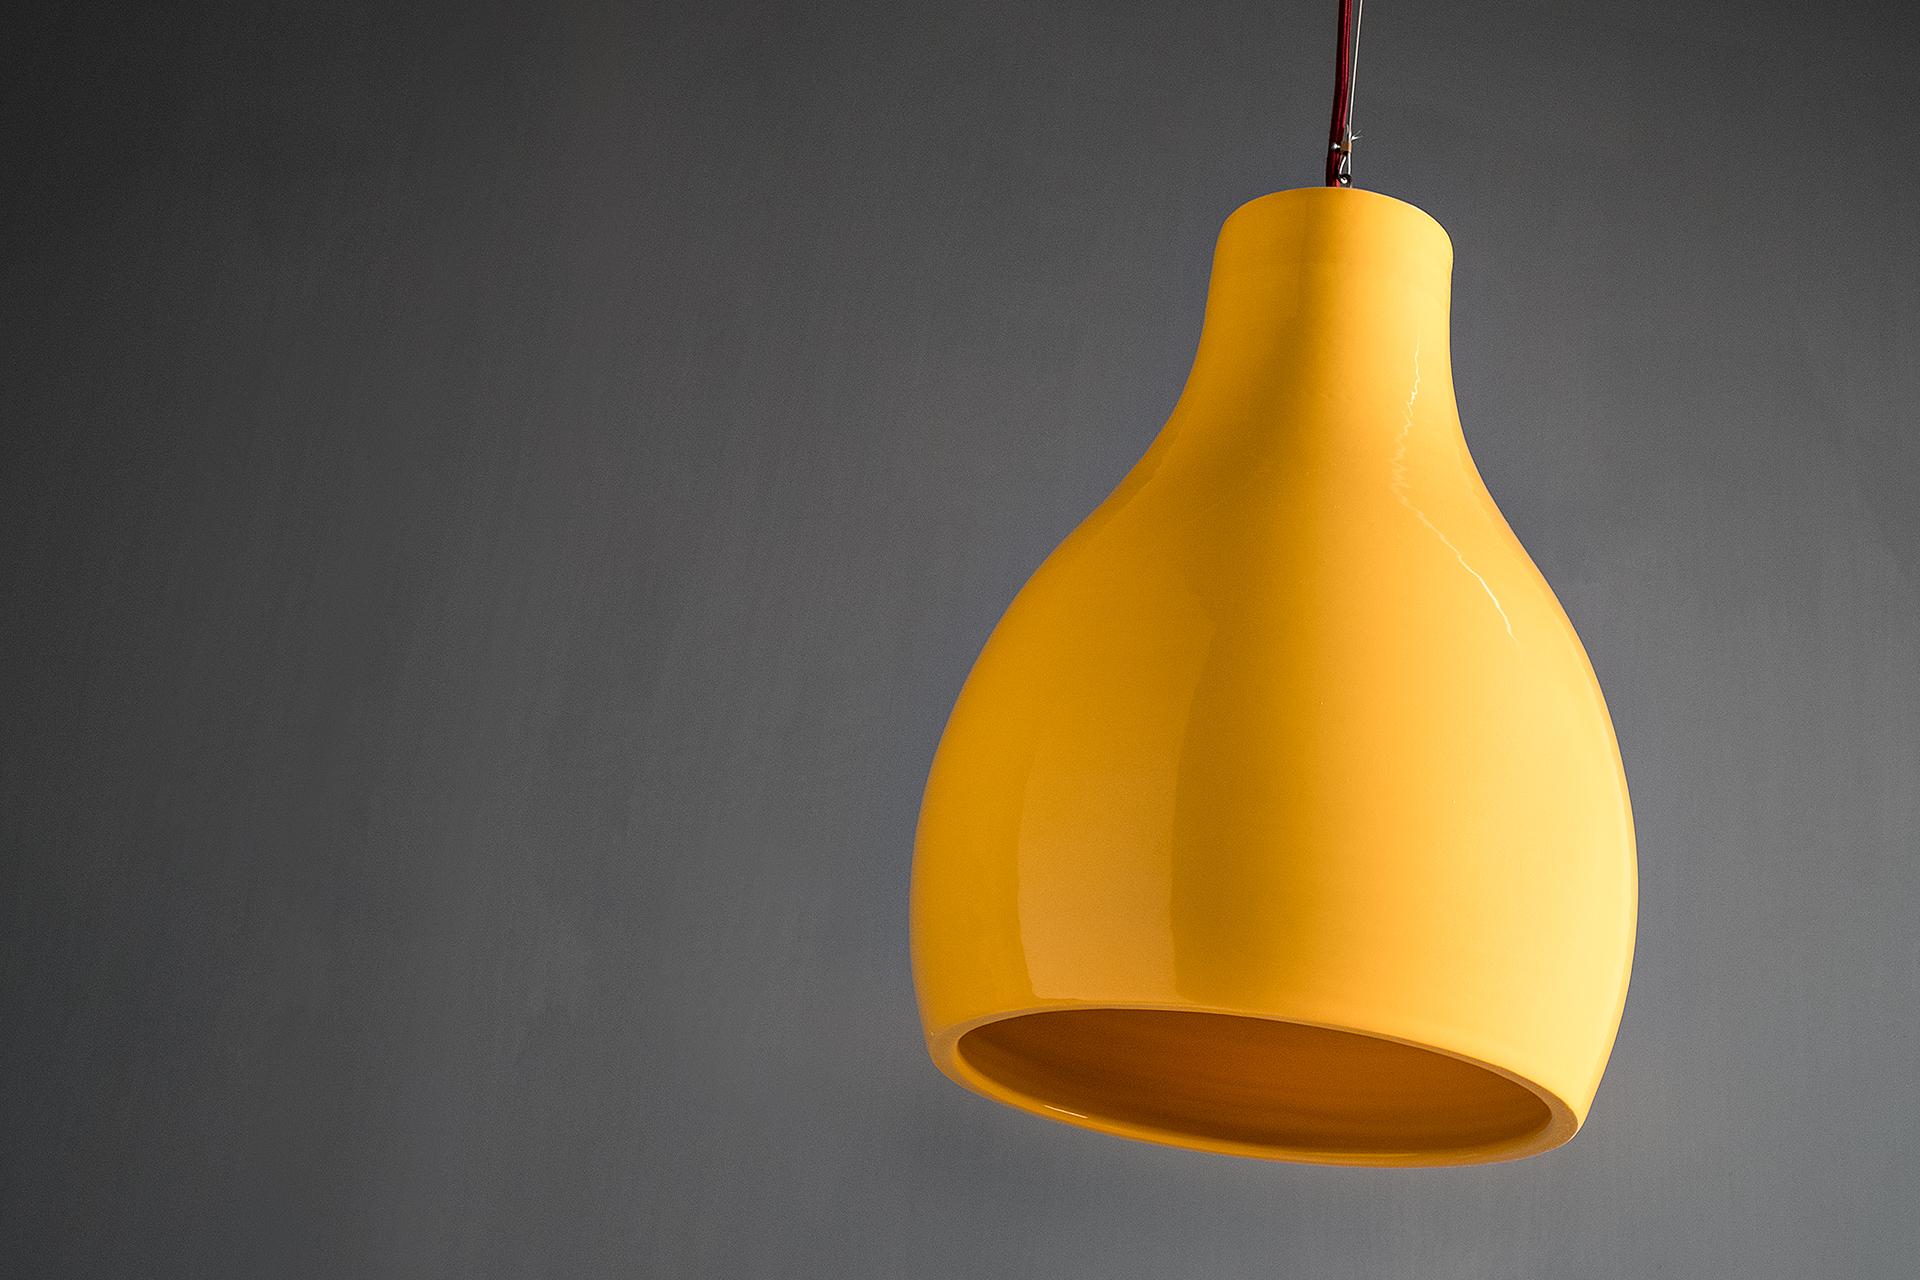 Lampada a sospensione Bouchet, lavorazione artigianale in ceramica, realizzata da Lungomare Design